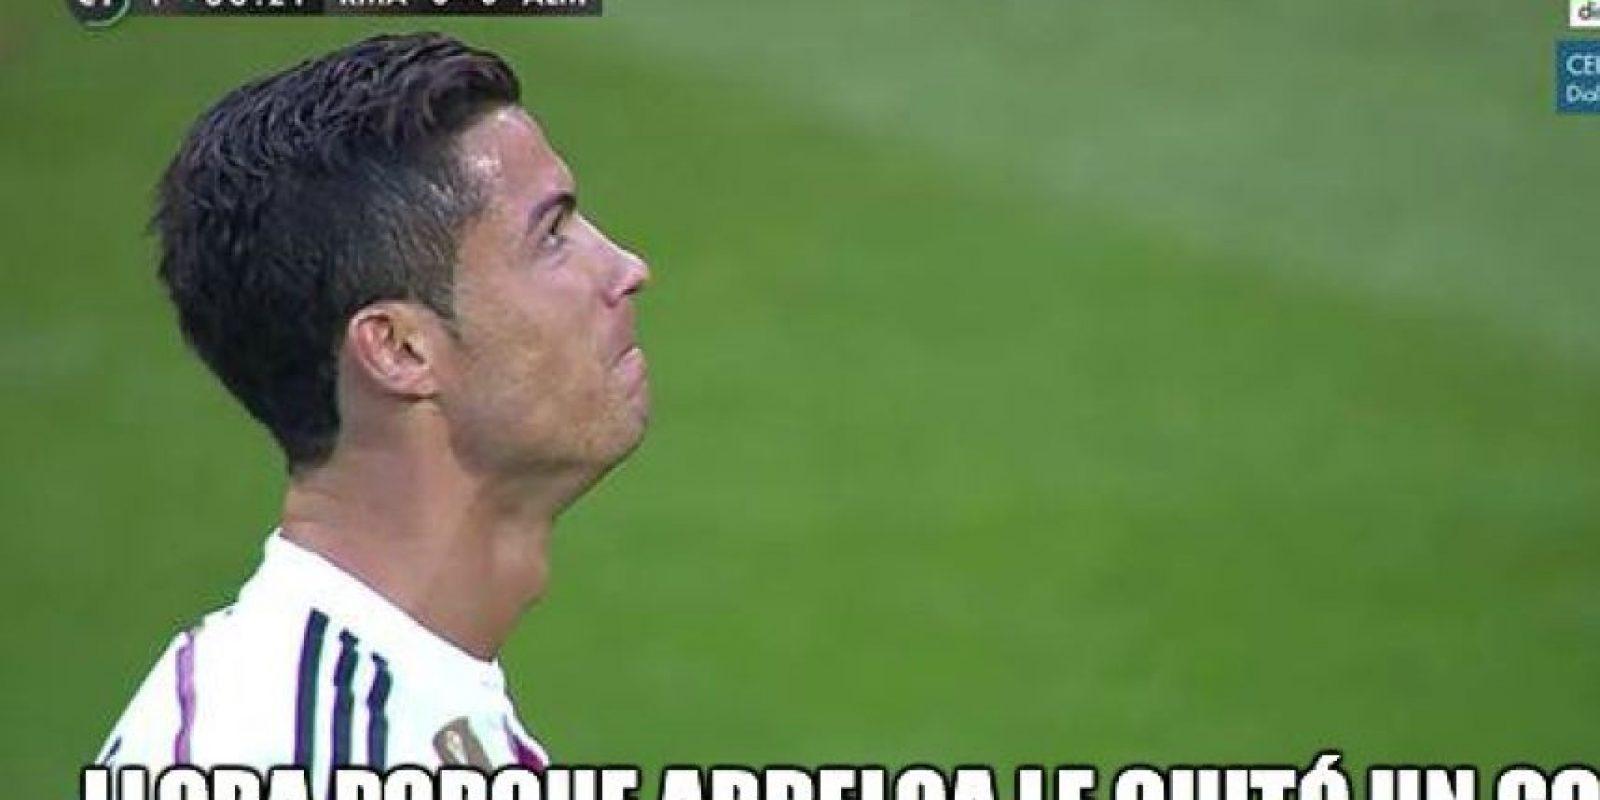 """Quien más sufrió por este gol fue Cristiano Ronaldo a quien Arbeloa le """"robó"""" la anotación. Foto:Vía Twitter"""